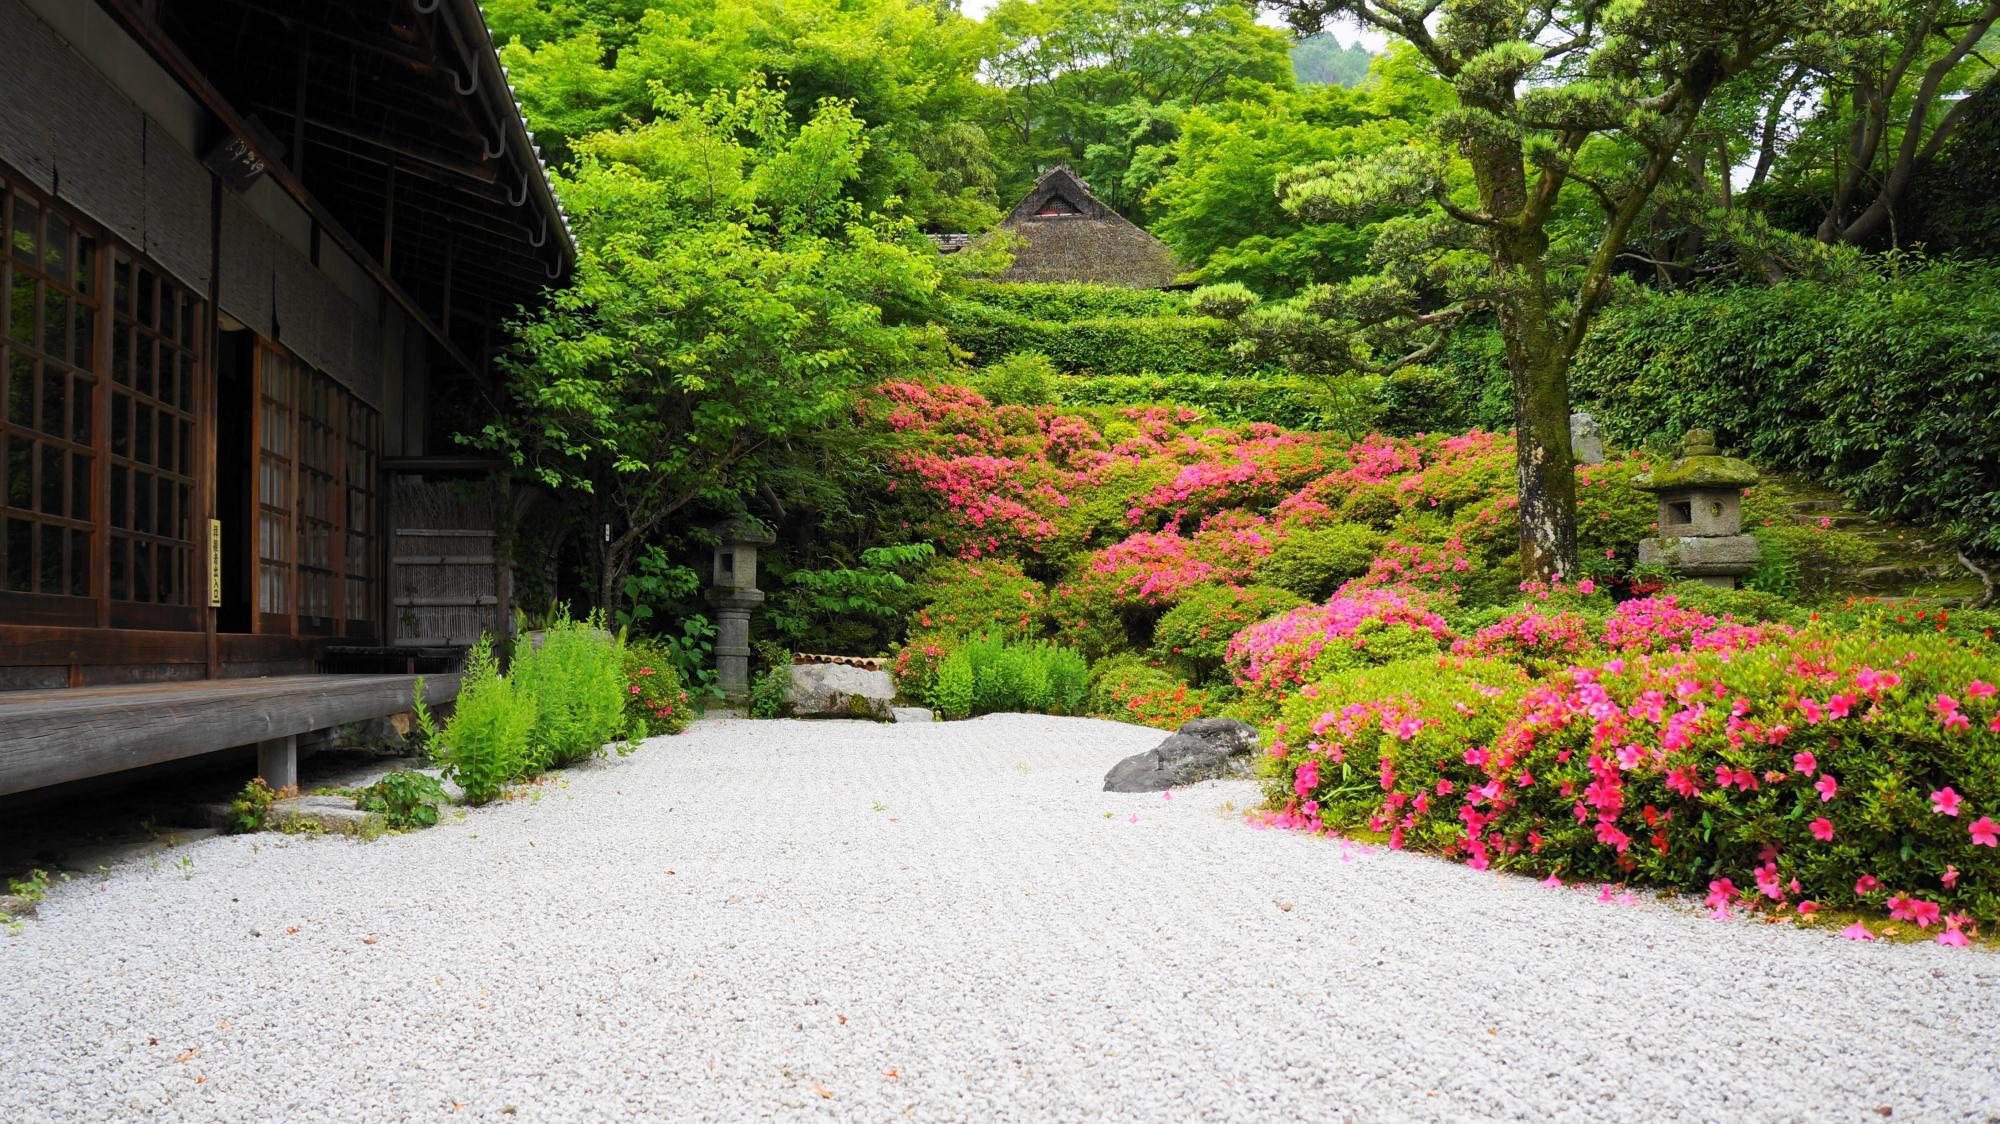 白砂や緑に映える華やかなピンク